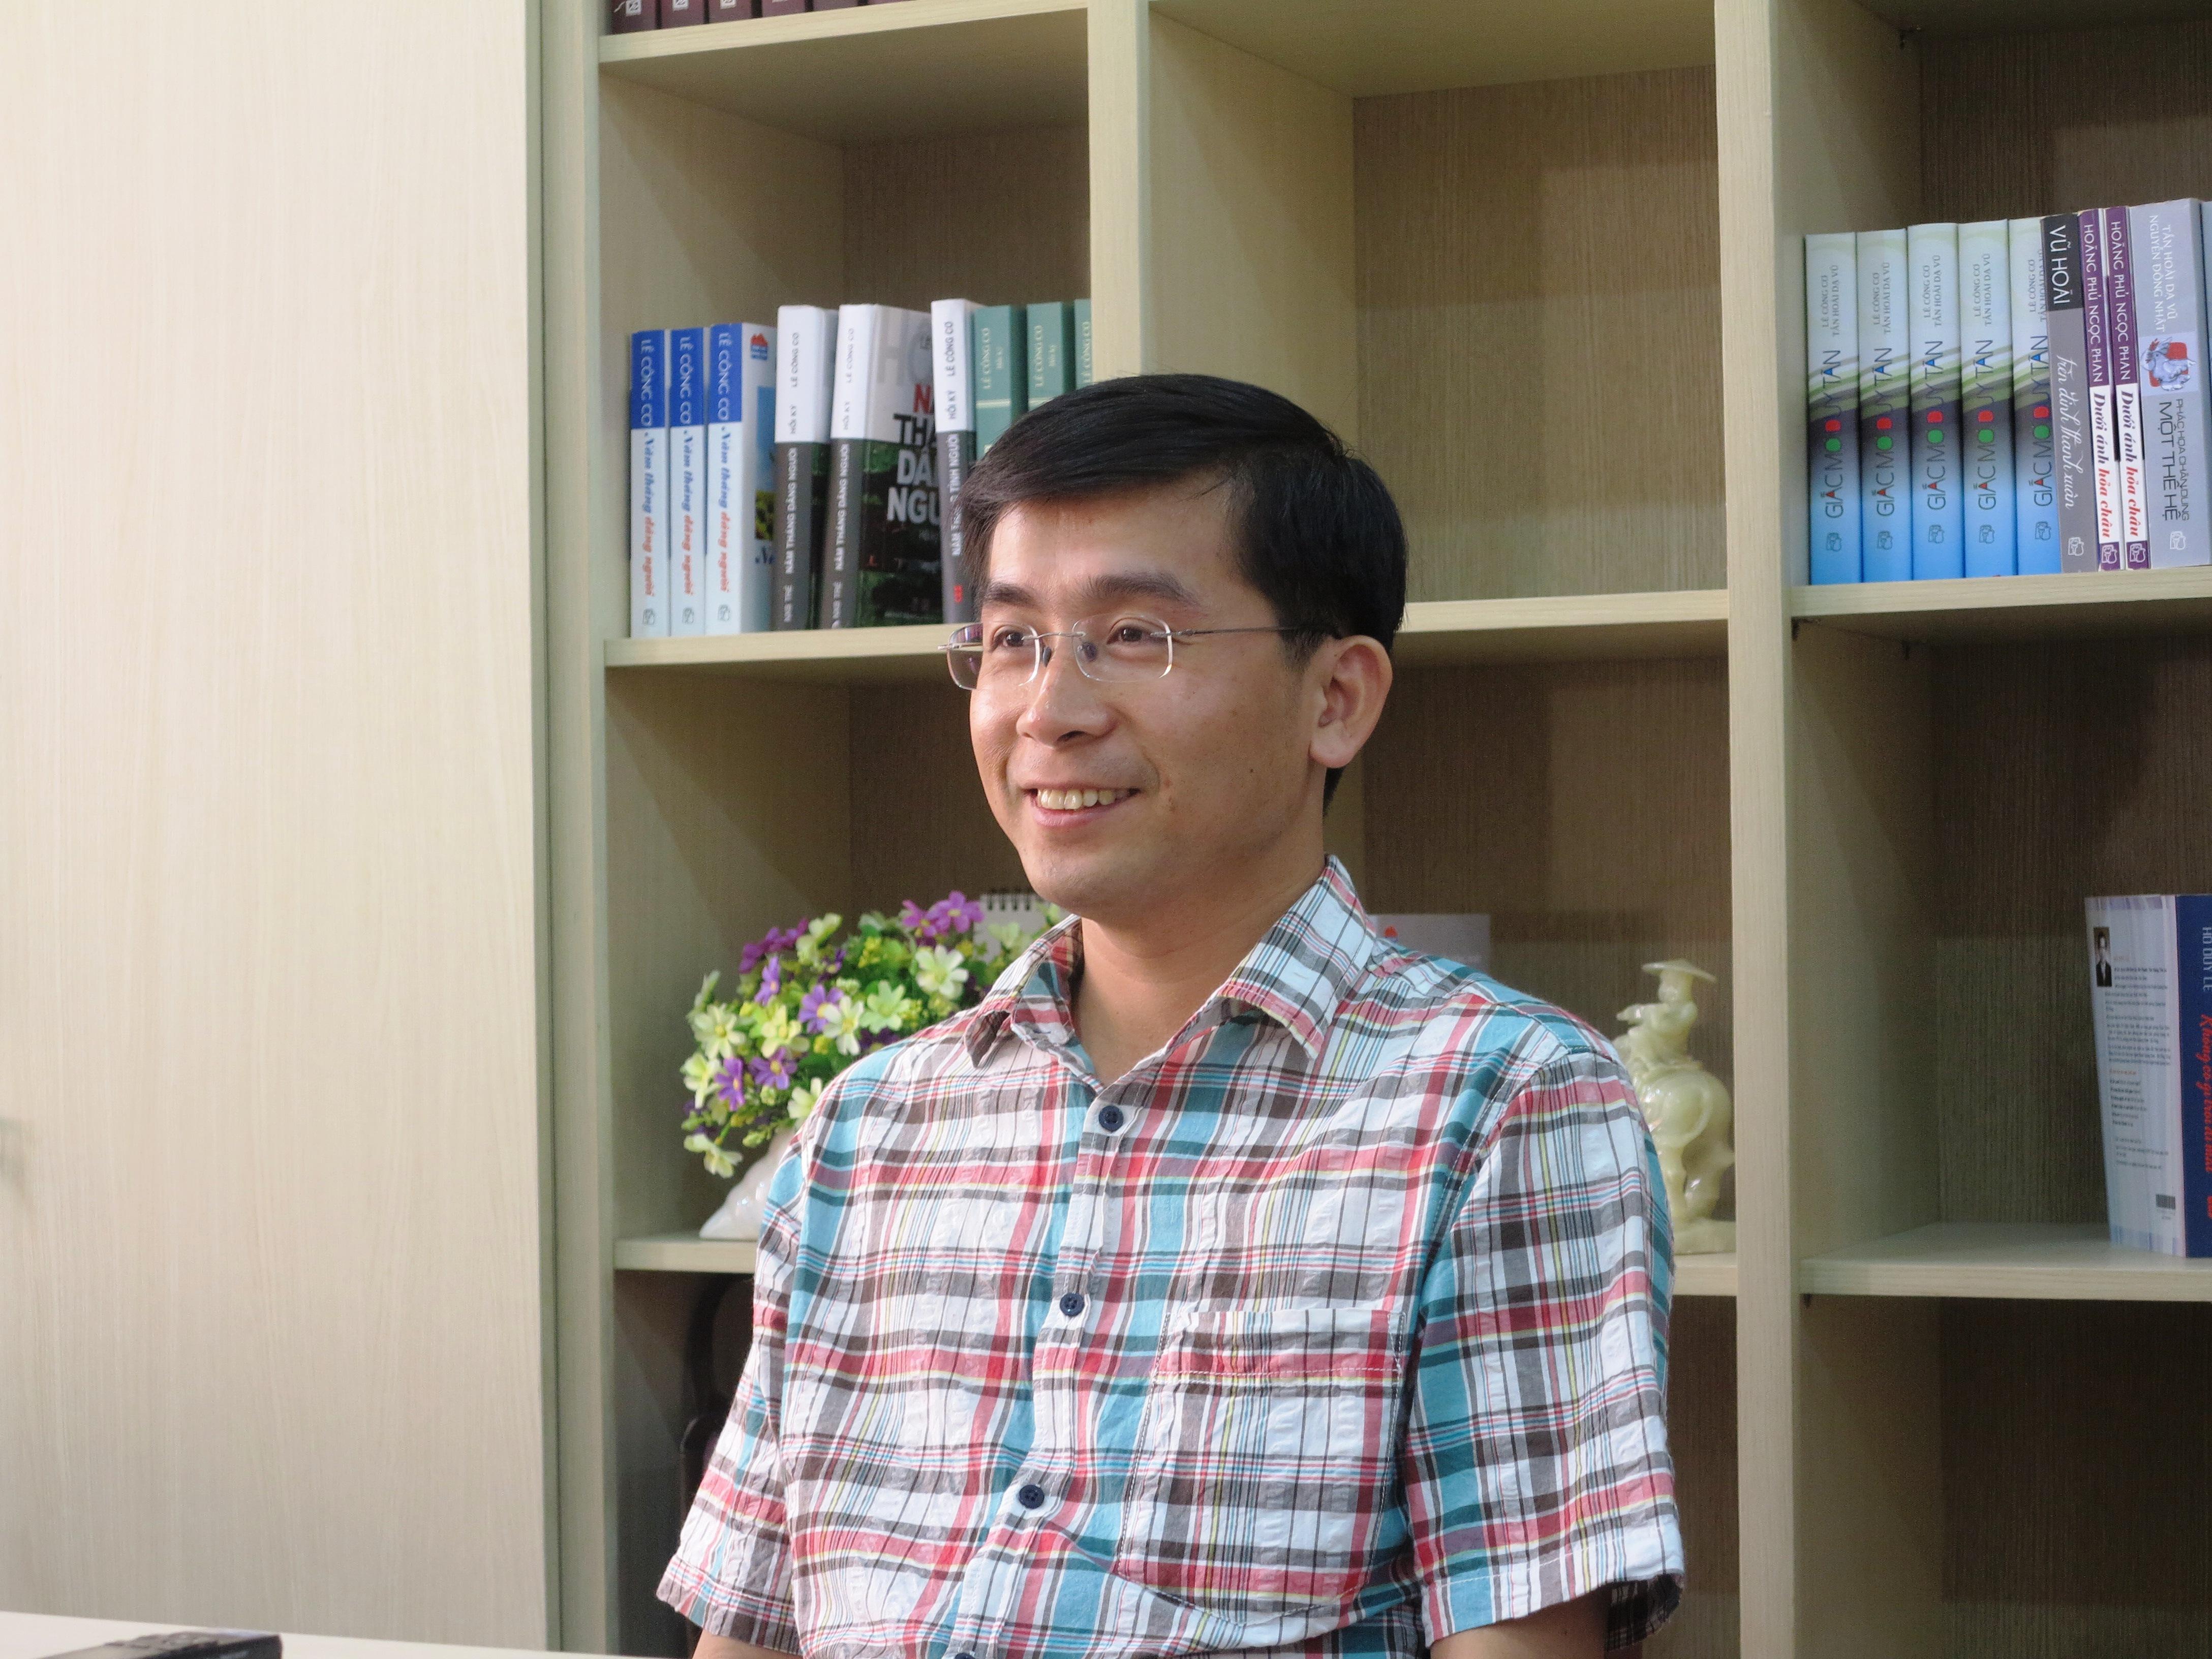 Tiến sĩ Việt ở ĐH Queens Belfast chia sẻ kinh nghiệm 'săn' học bổng Img_2705_oxzv